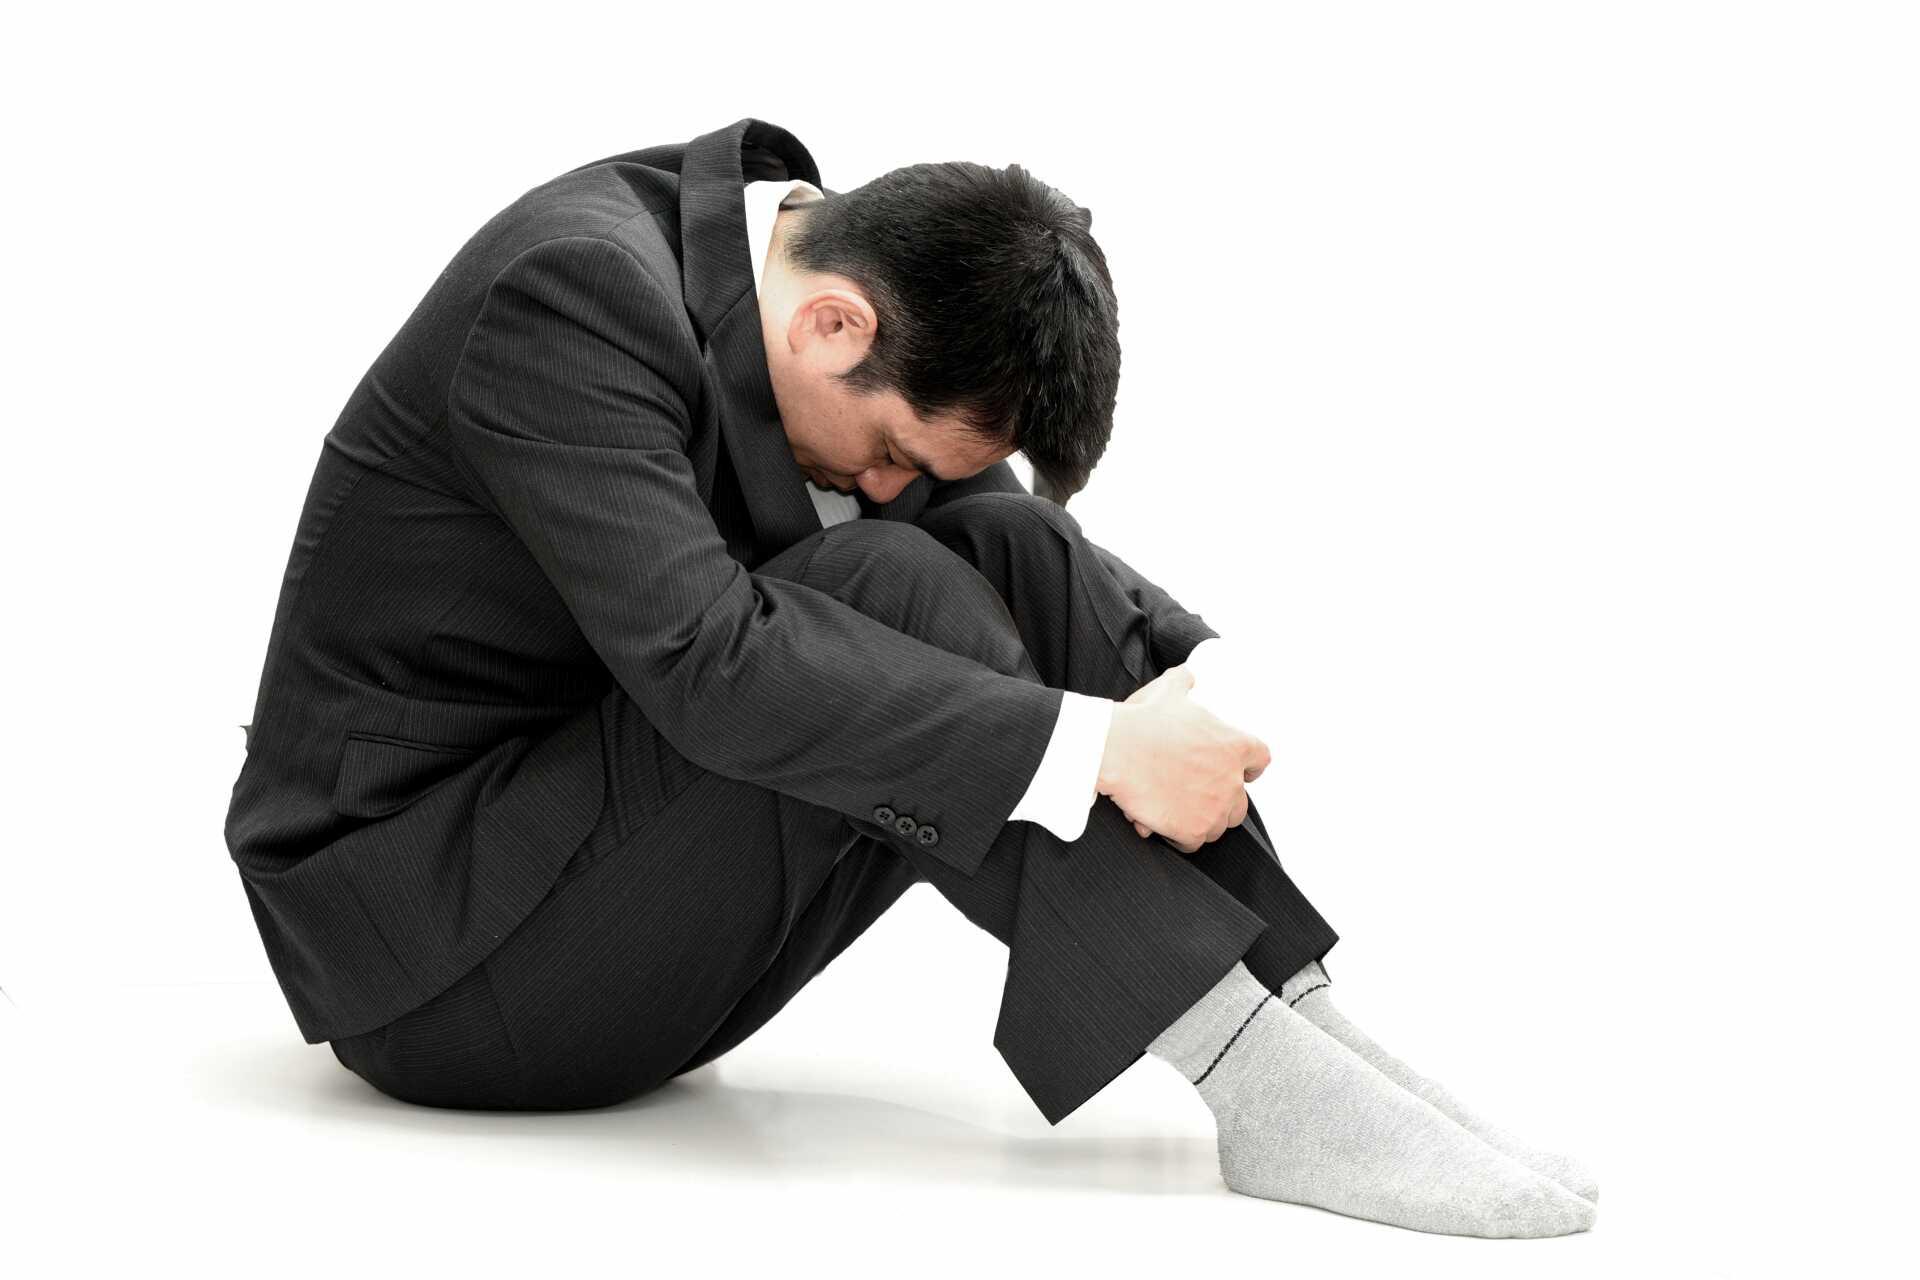 メンタルが弱い人に向いてる仕事を紹介!-自分の特徴を知り会社選びに役立てよう-